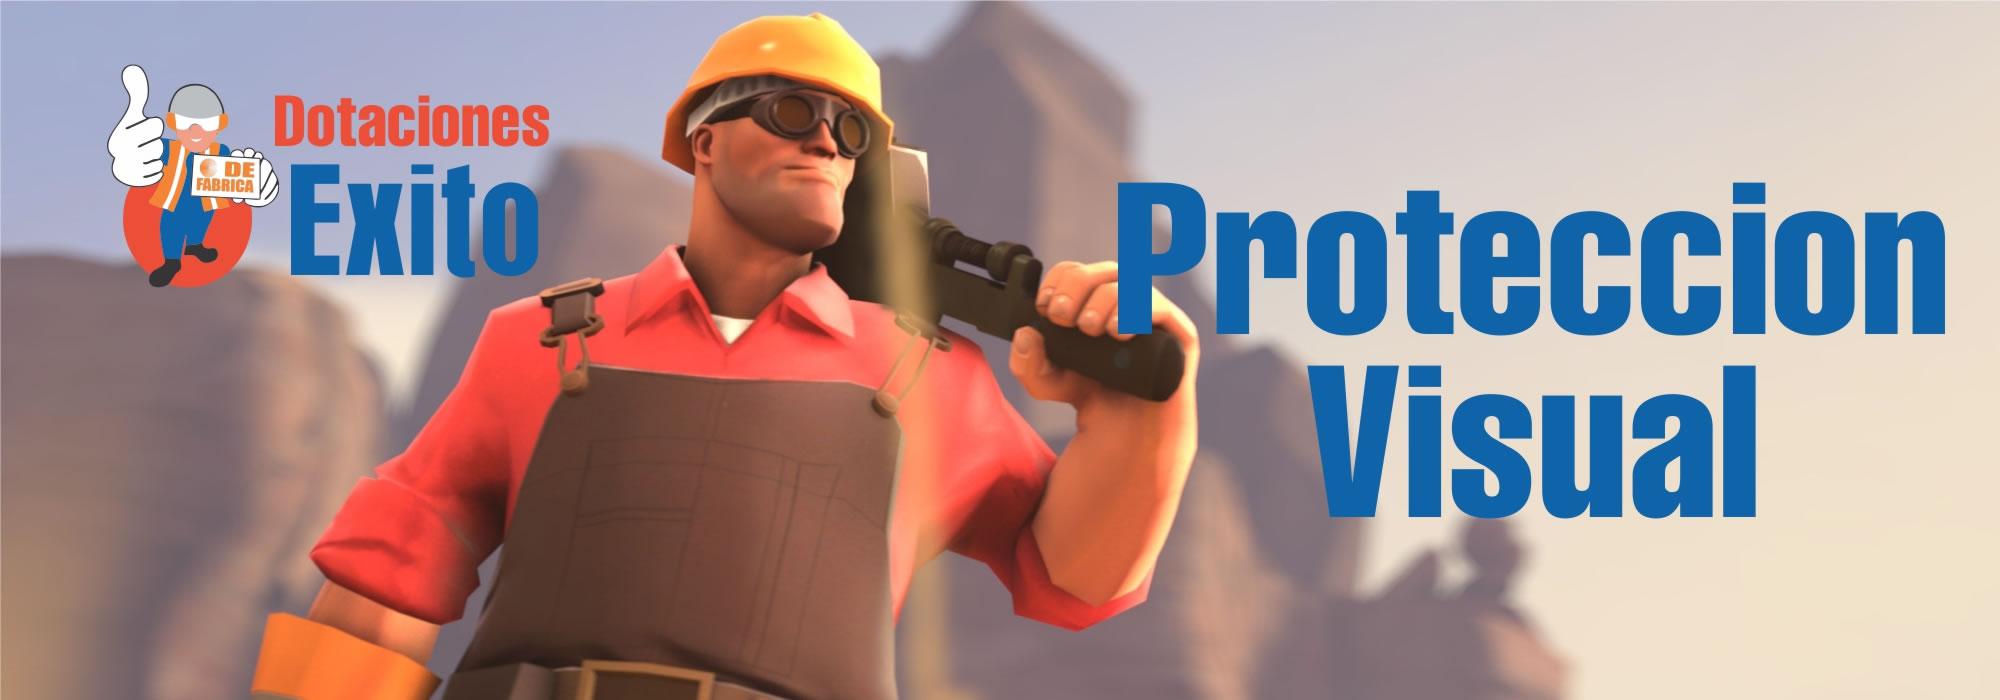 proteccionvisual